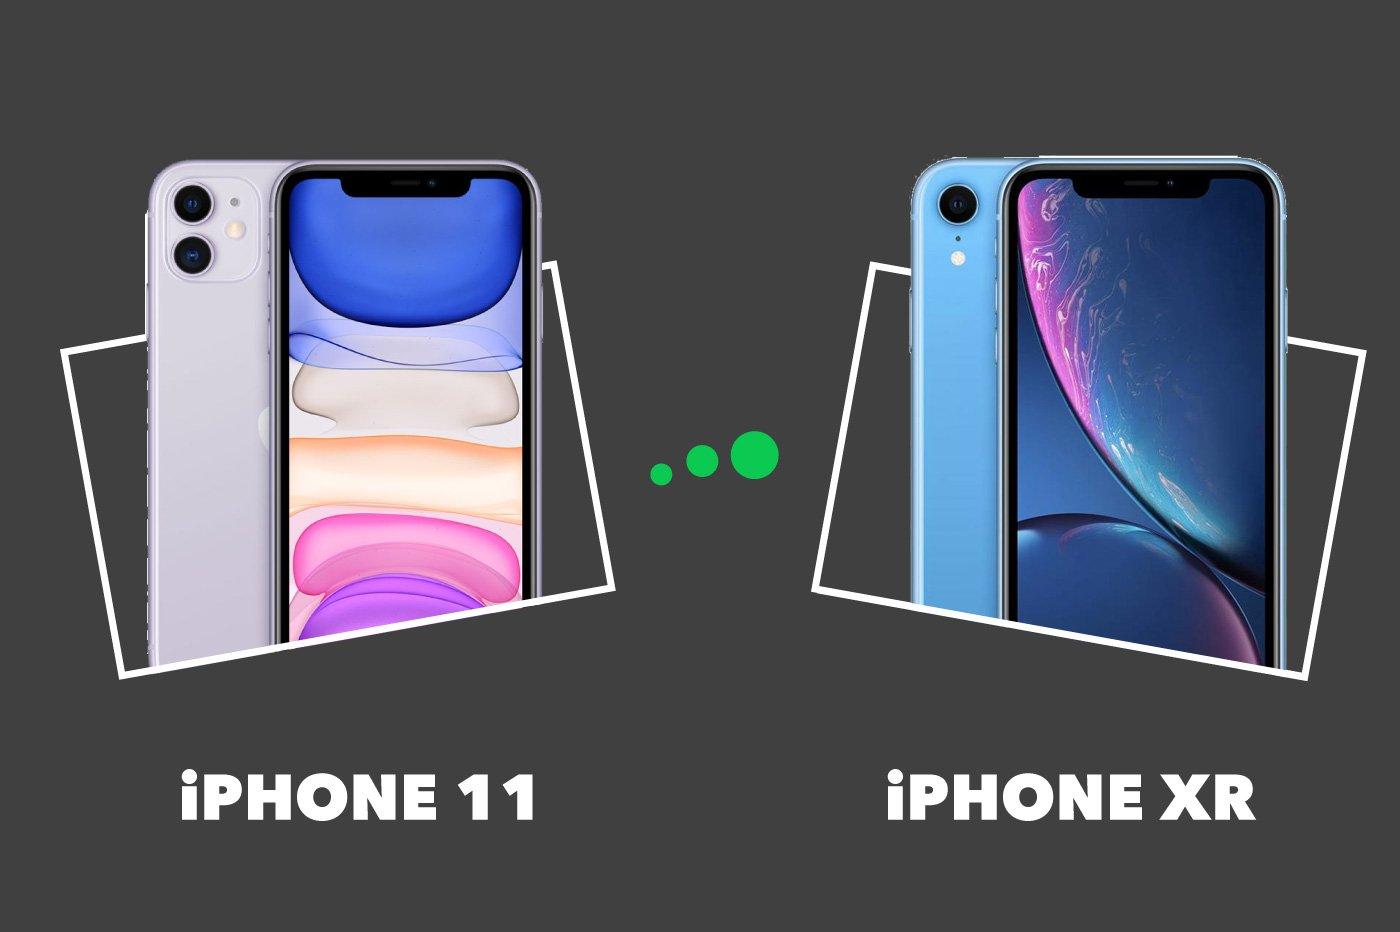 iPhone 11 vs iPhone XR: faut-il choisir le nouveau modèle?